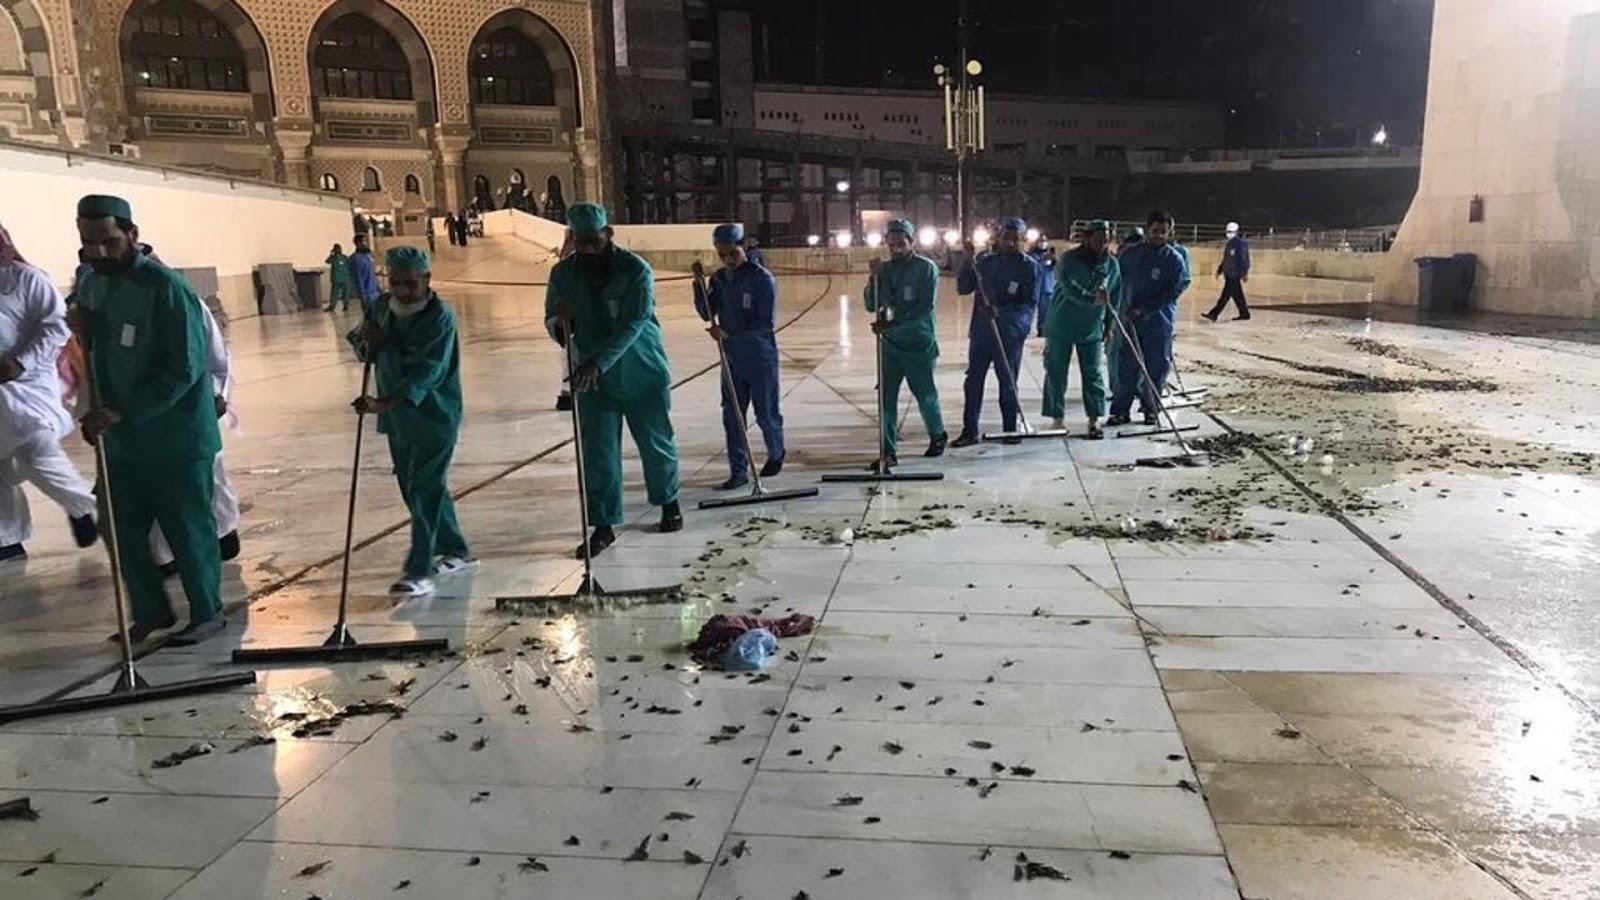 Subhanallah, Ribuan Jangkrik Serang Masjidil Haram